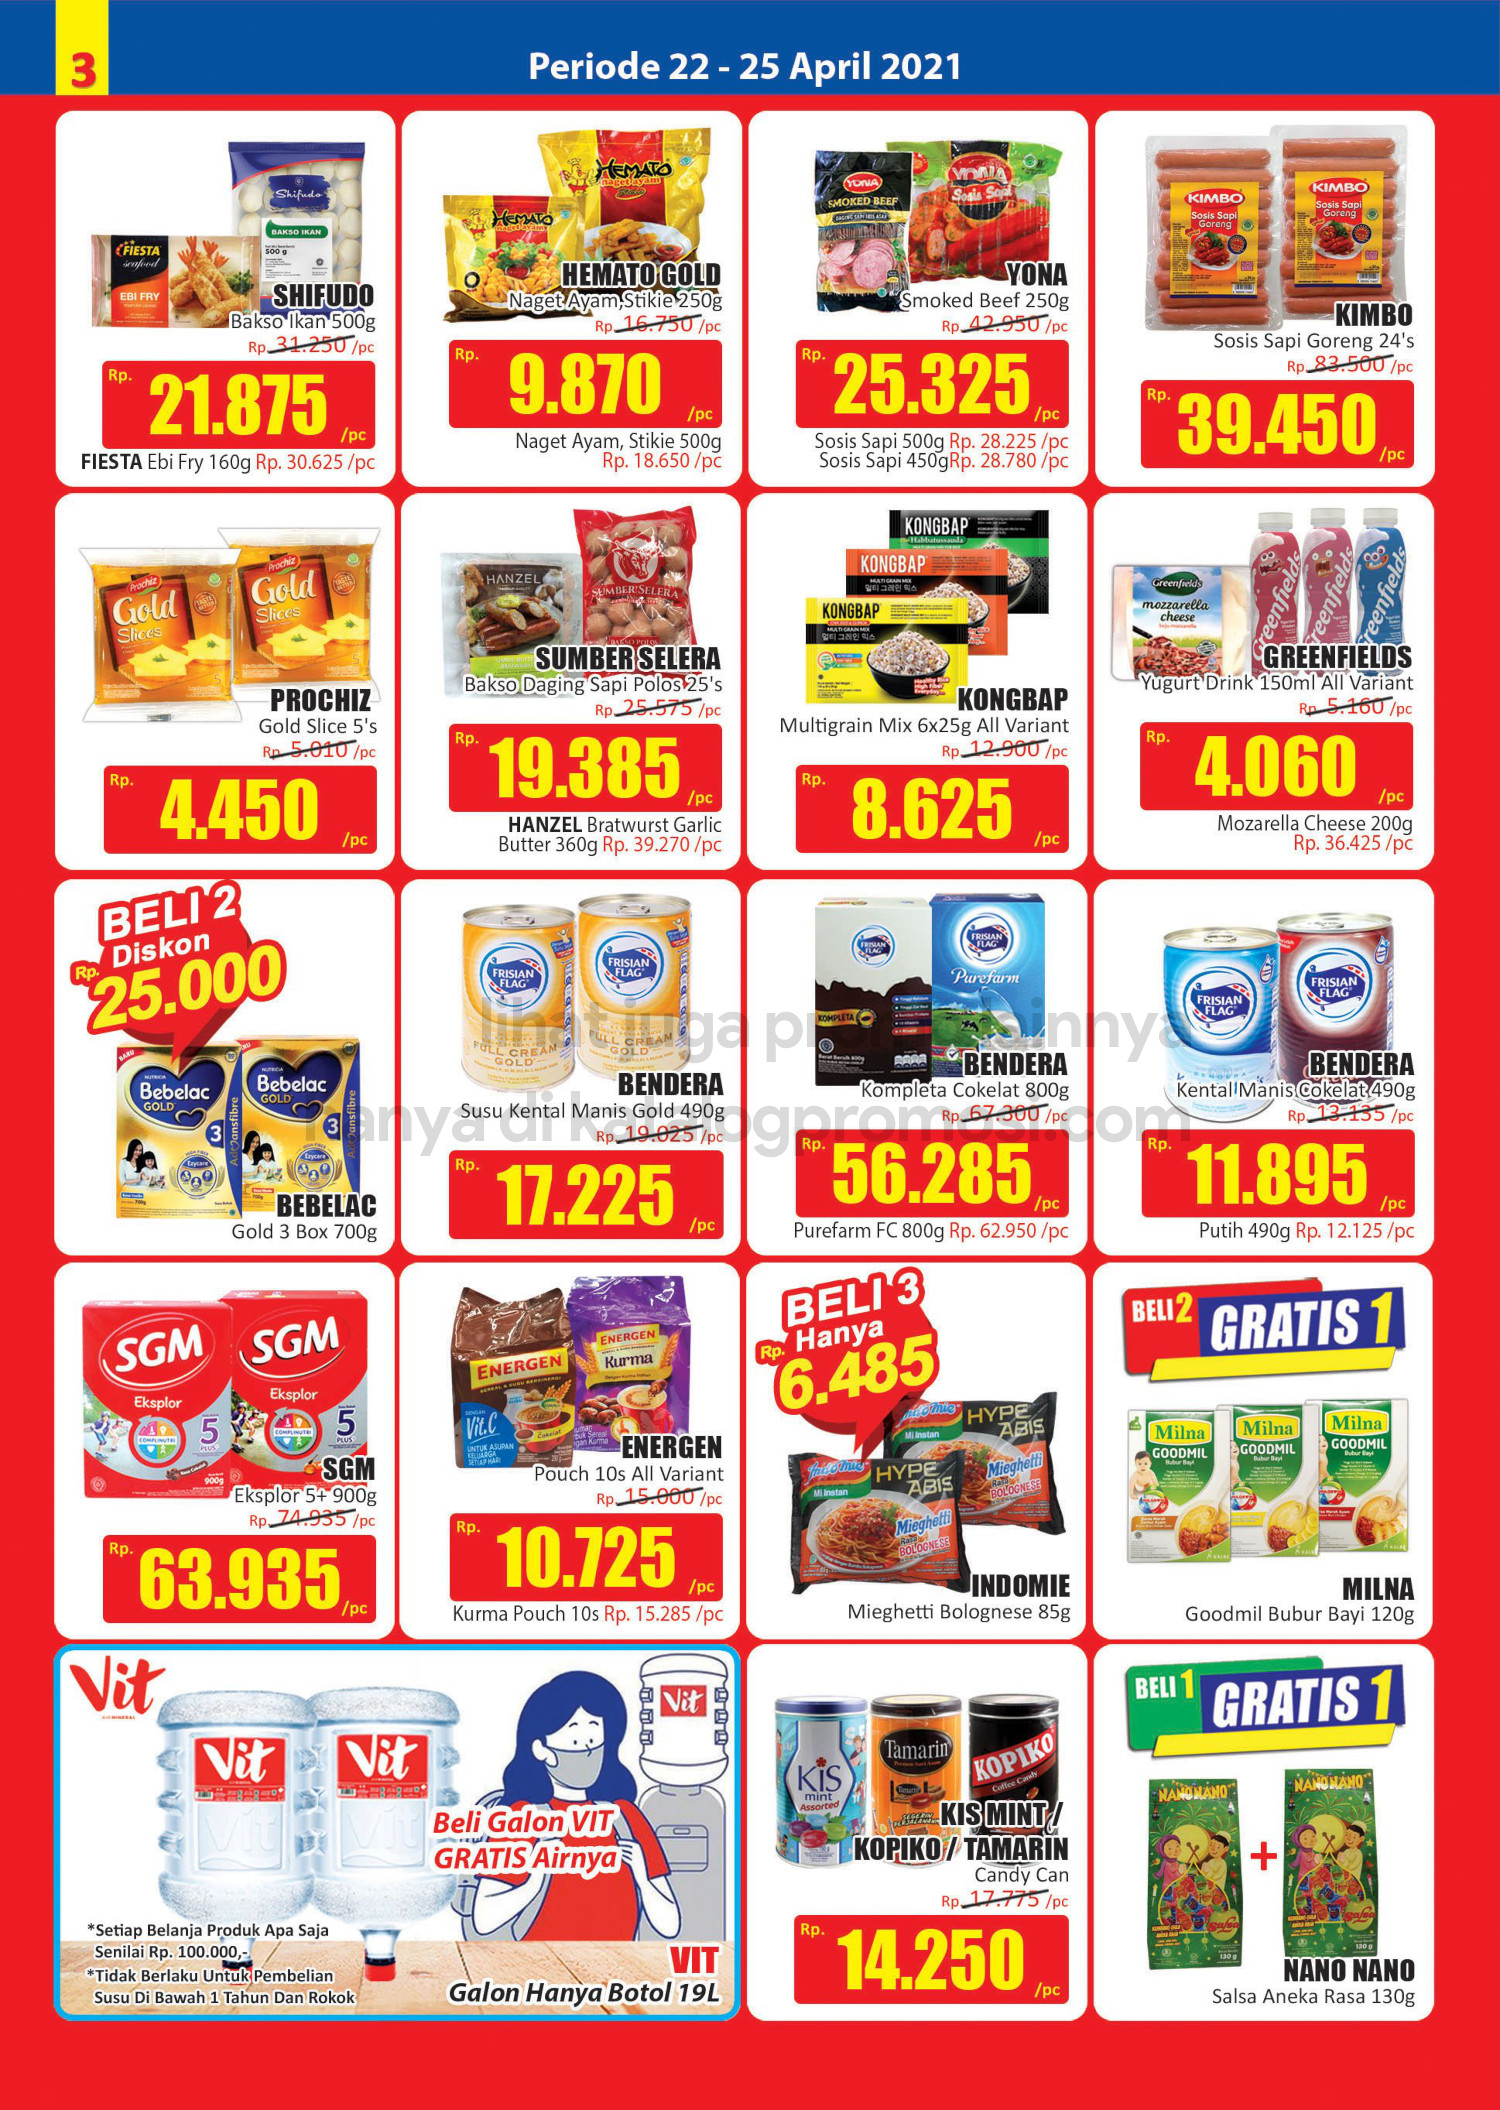 Promo Hari Hari Pasar Swalayan Weekend JSM Periode 22-25 April 2021